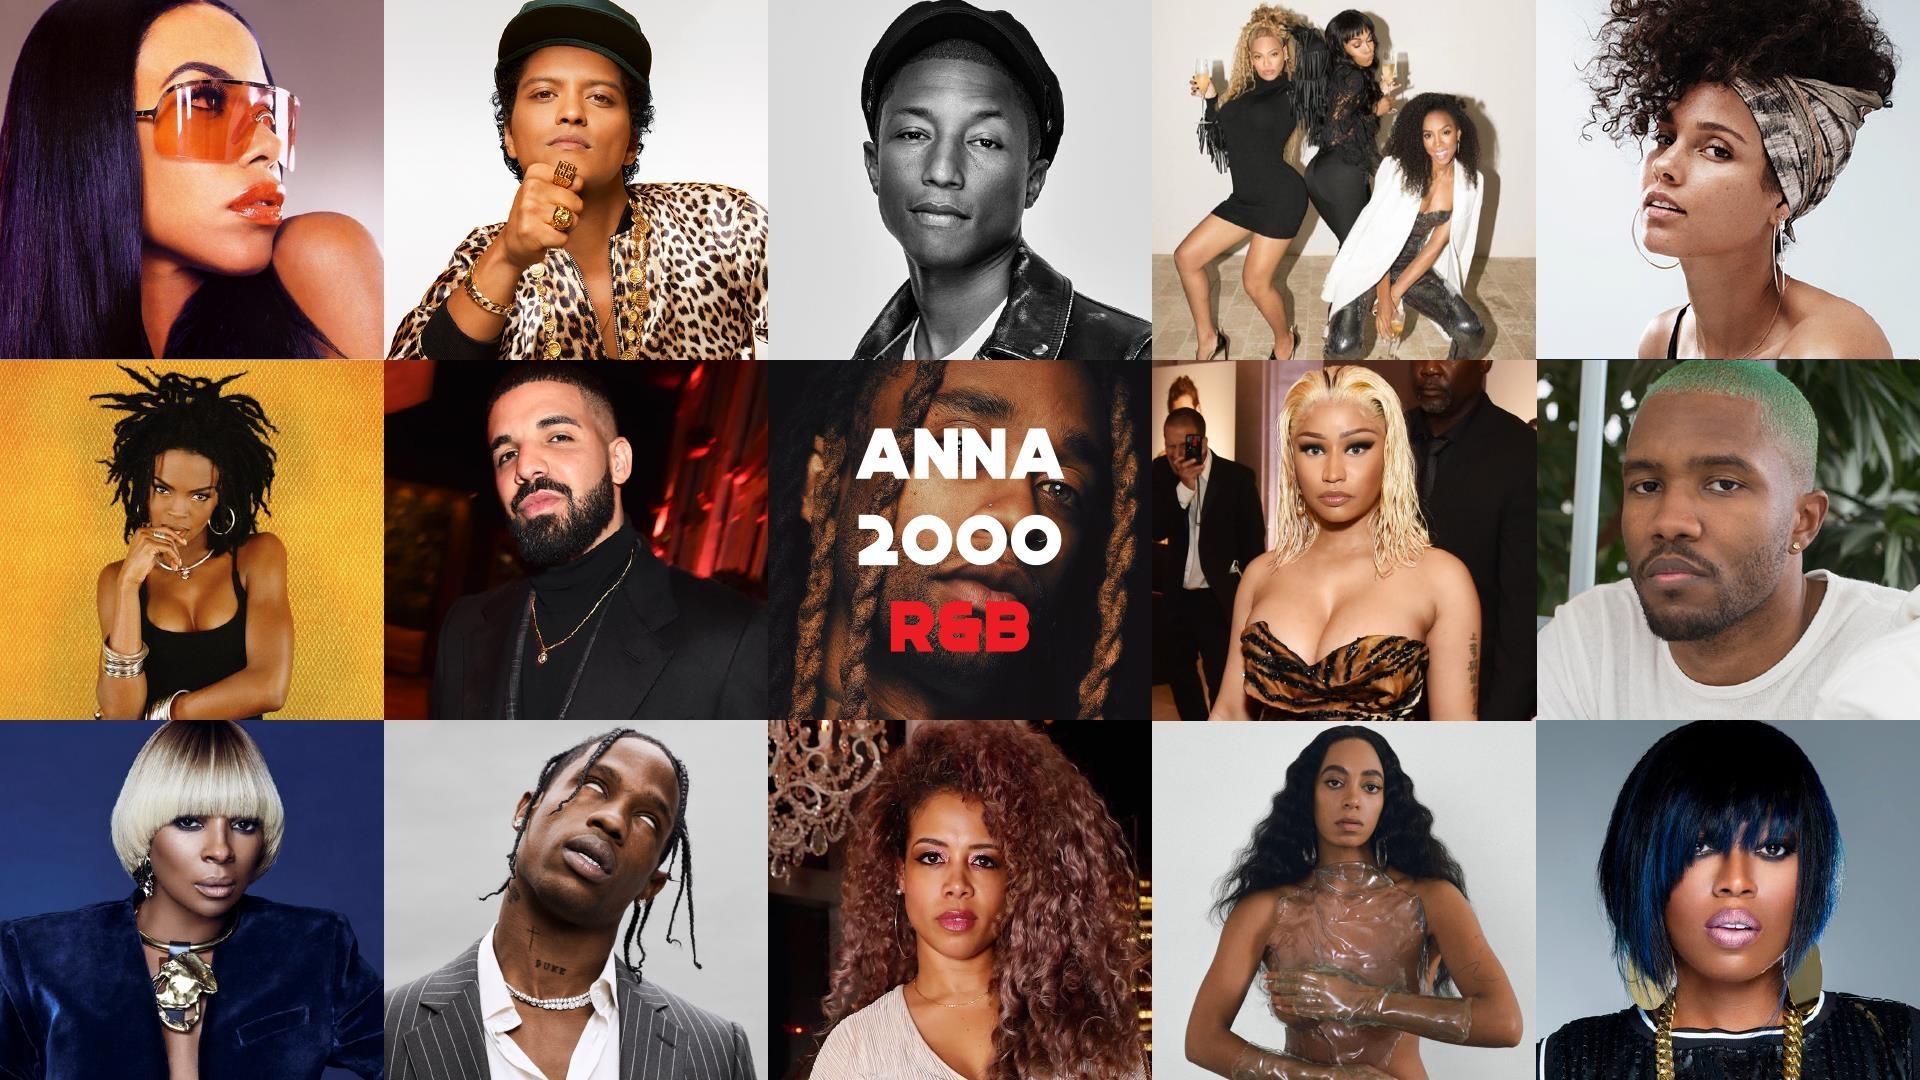 Anna 2000 2000 - Tickets & info